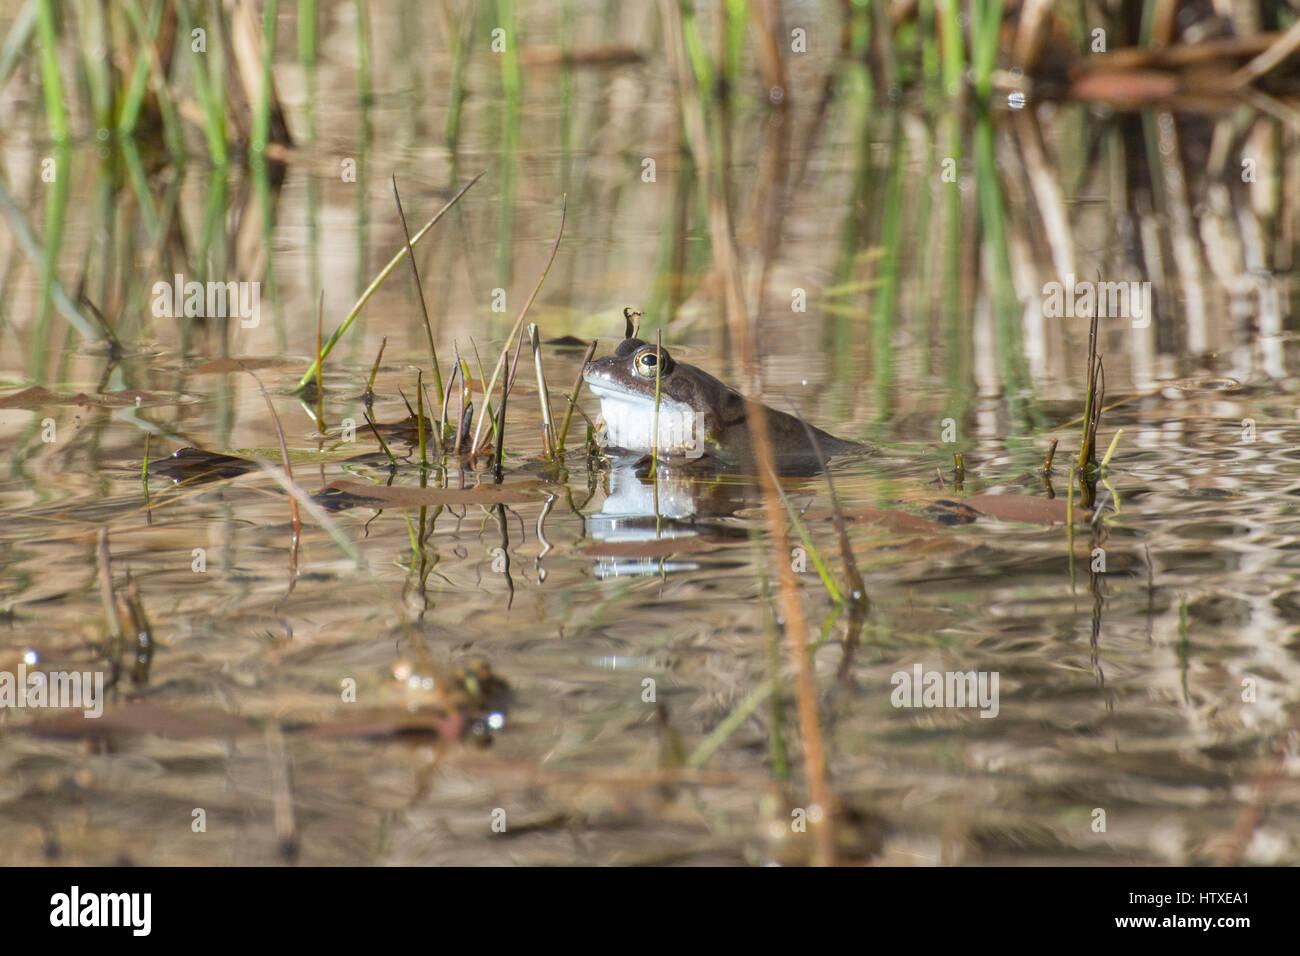 Male frog (Rana temporaria) croaking in breeding pond in Spring - Stock Image